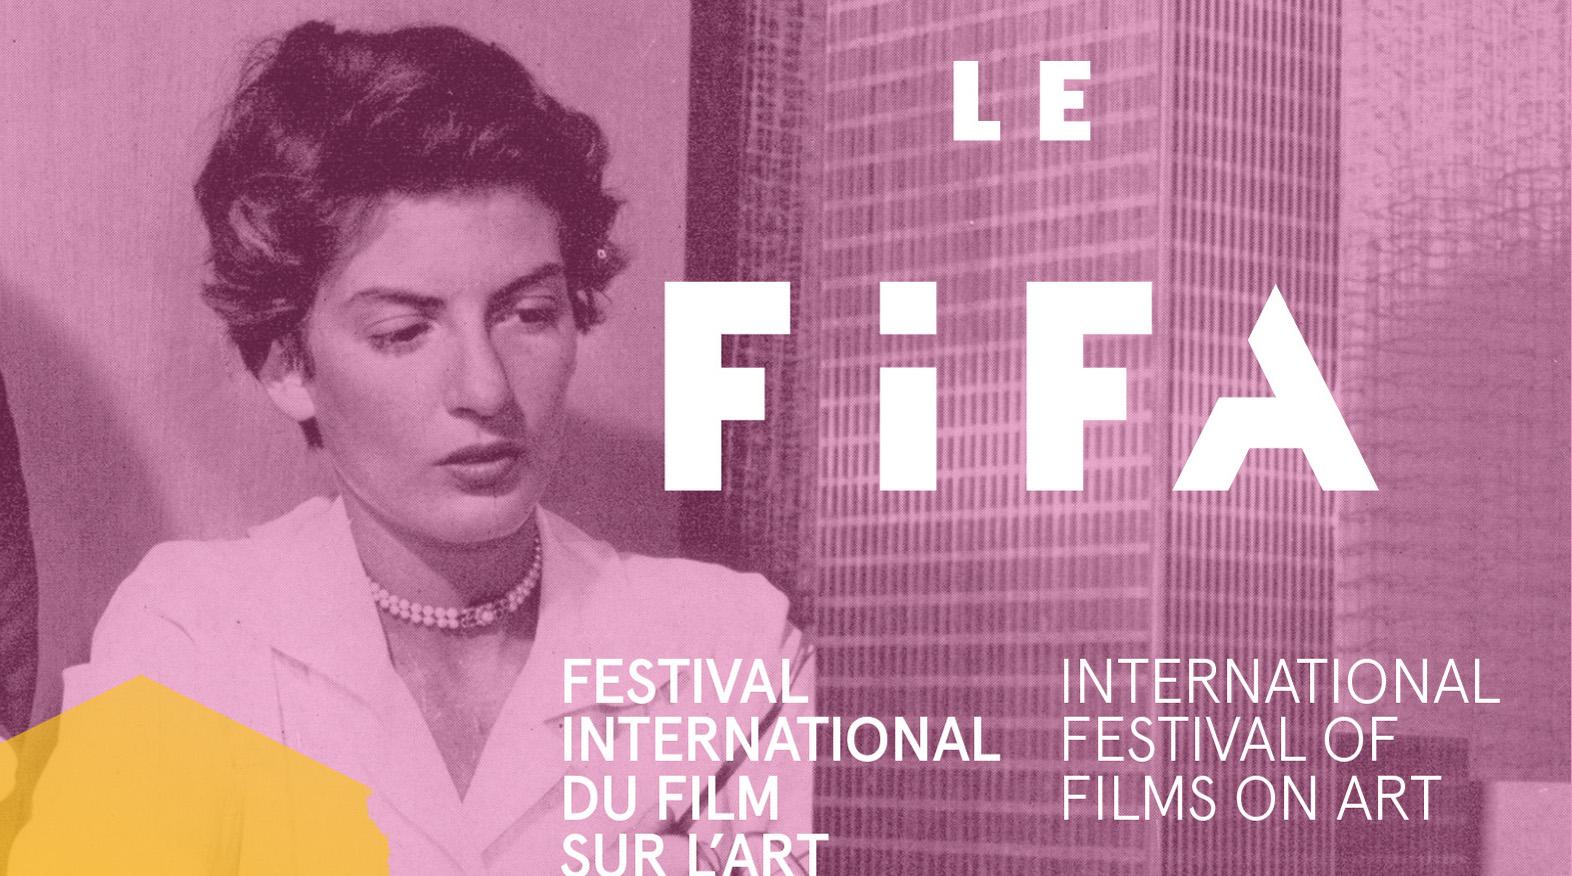 Soirée rencontre Phyllis Lambert et Dinu Bumbaru au bénéfice du FIFA au CCA